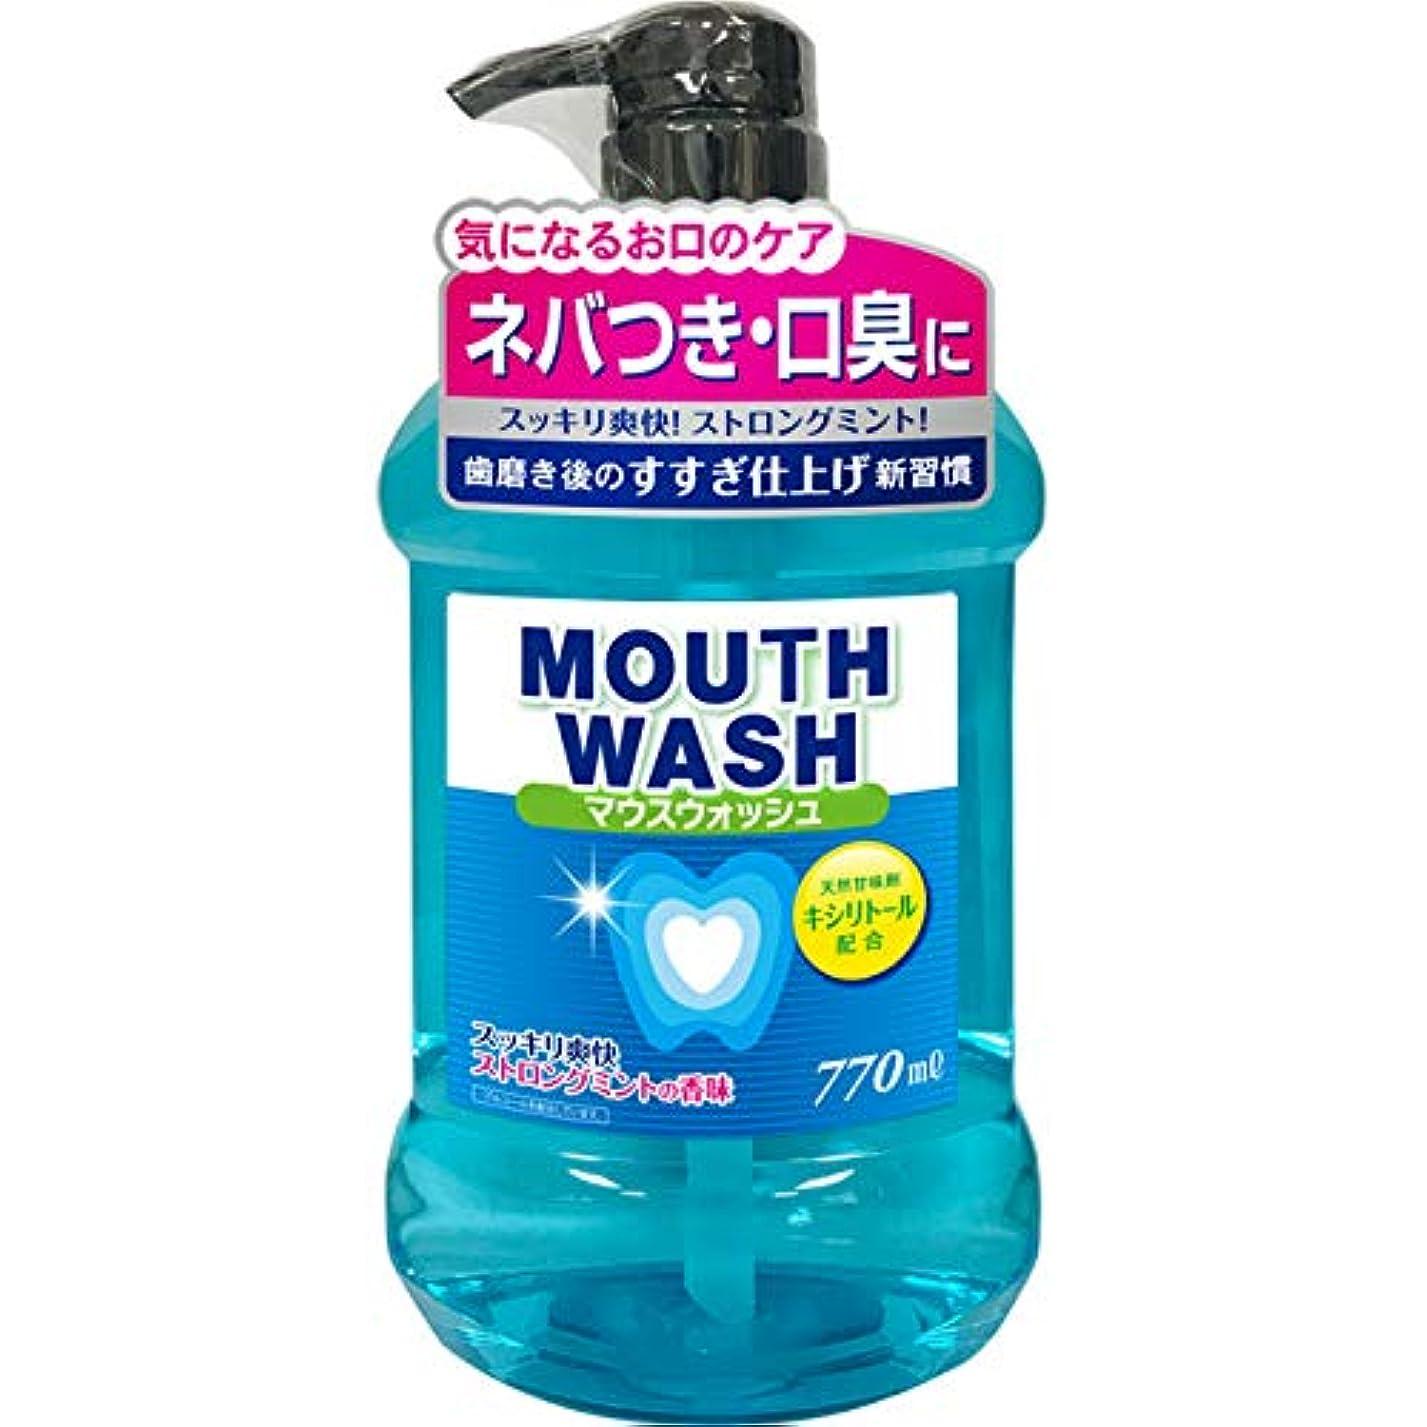 吸収する遅い出費オールデントマウスウォッシュ ストロングミントの香味 770ml